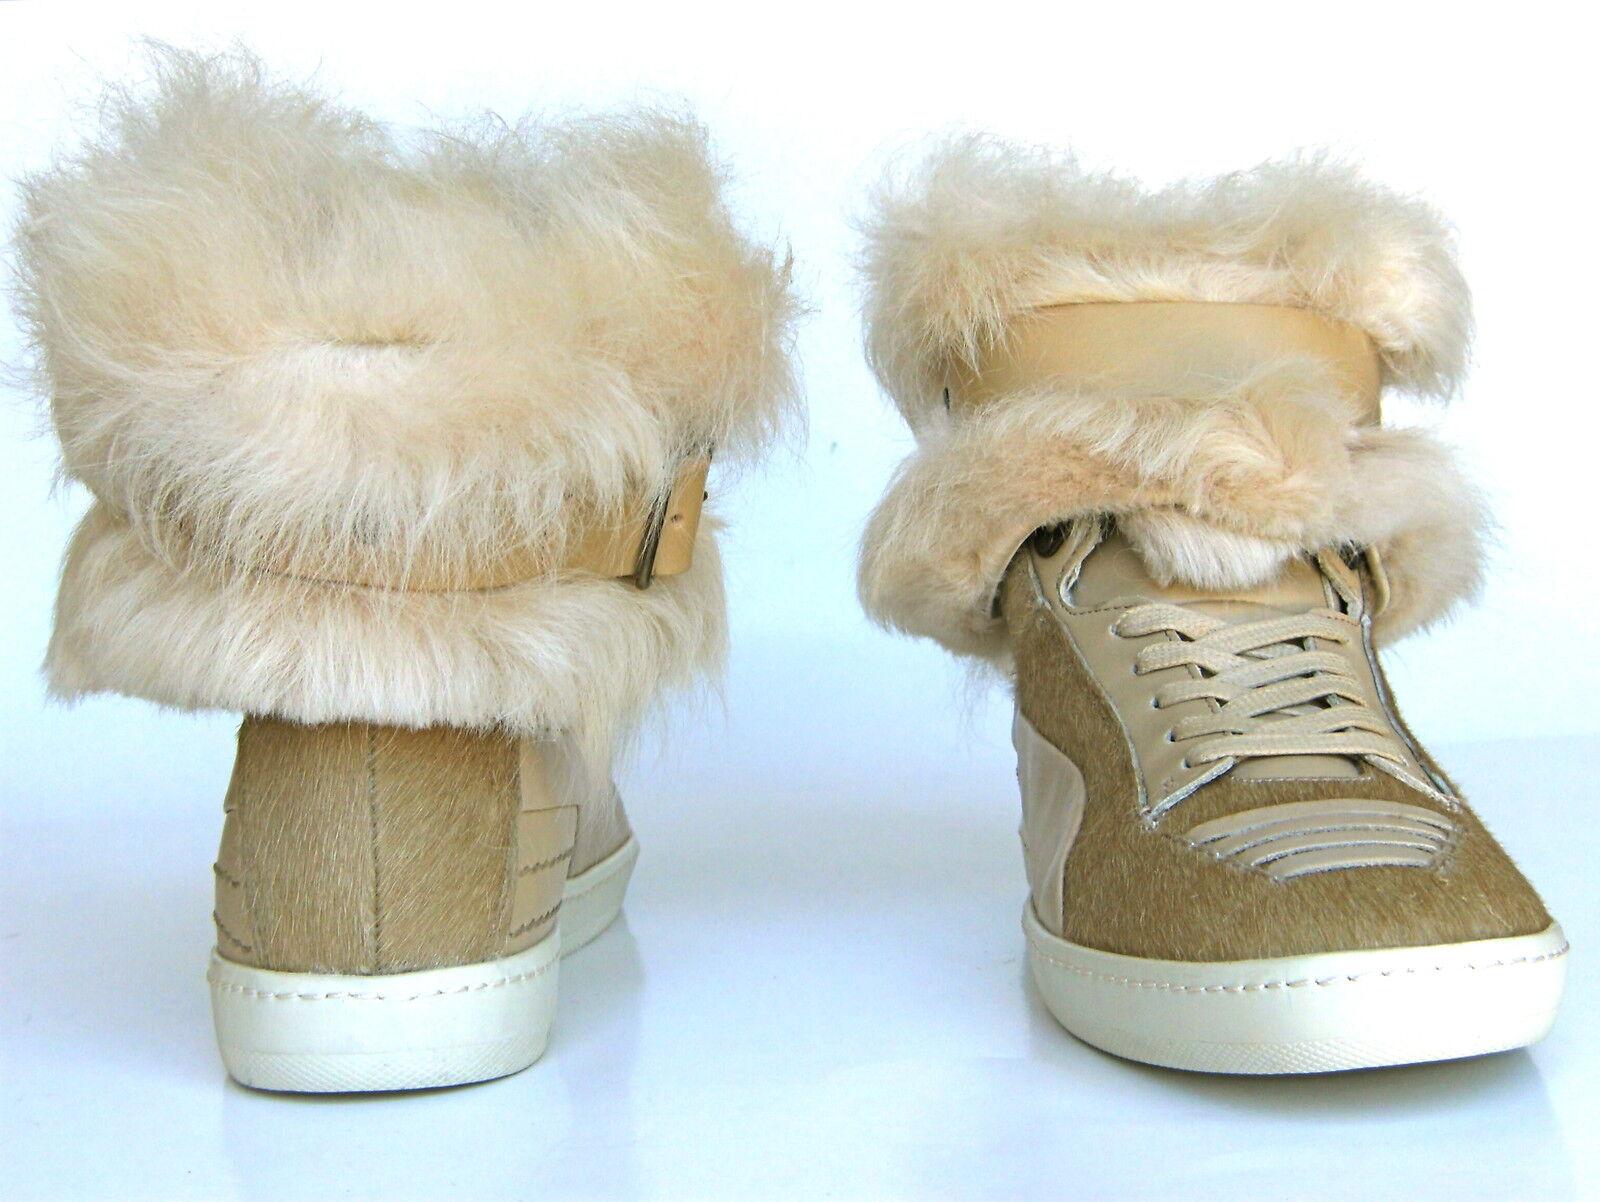 Puma ALEXANDER McQUEEN FUR JOUSTESSE Hi Sneaker Boot Shoes WEAR 2 WAY Women 10.5